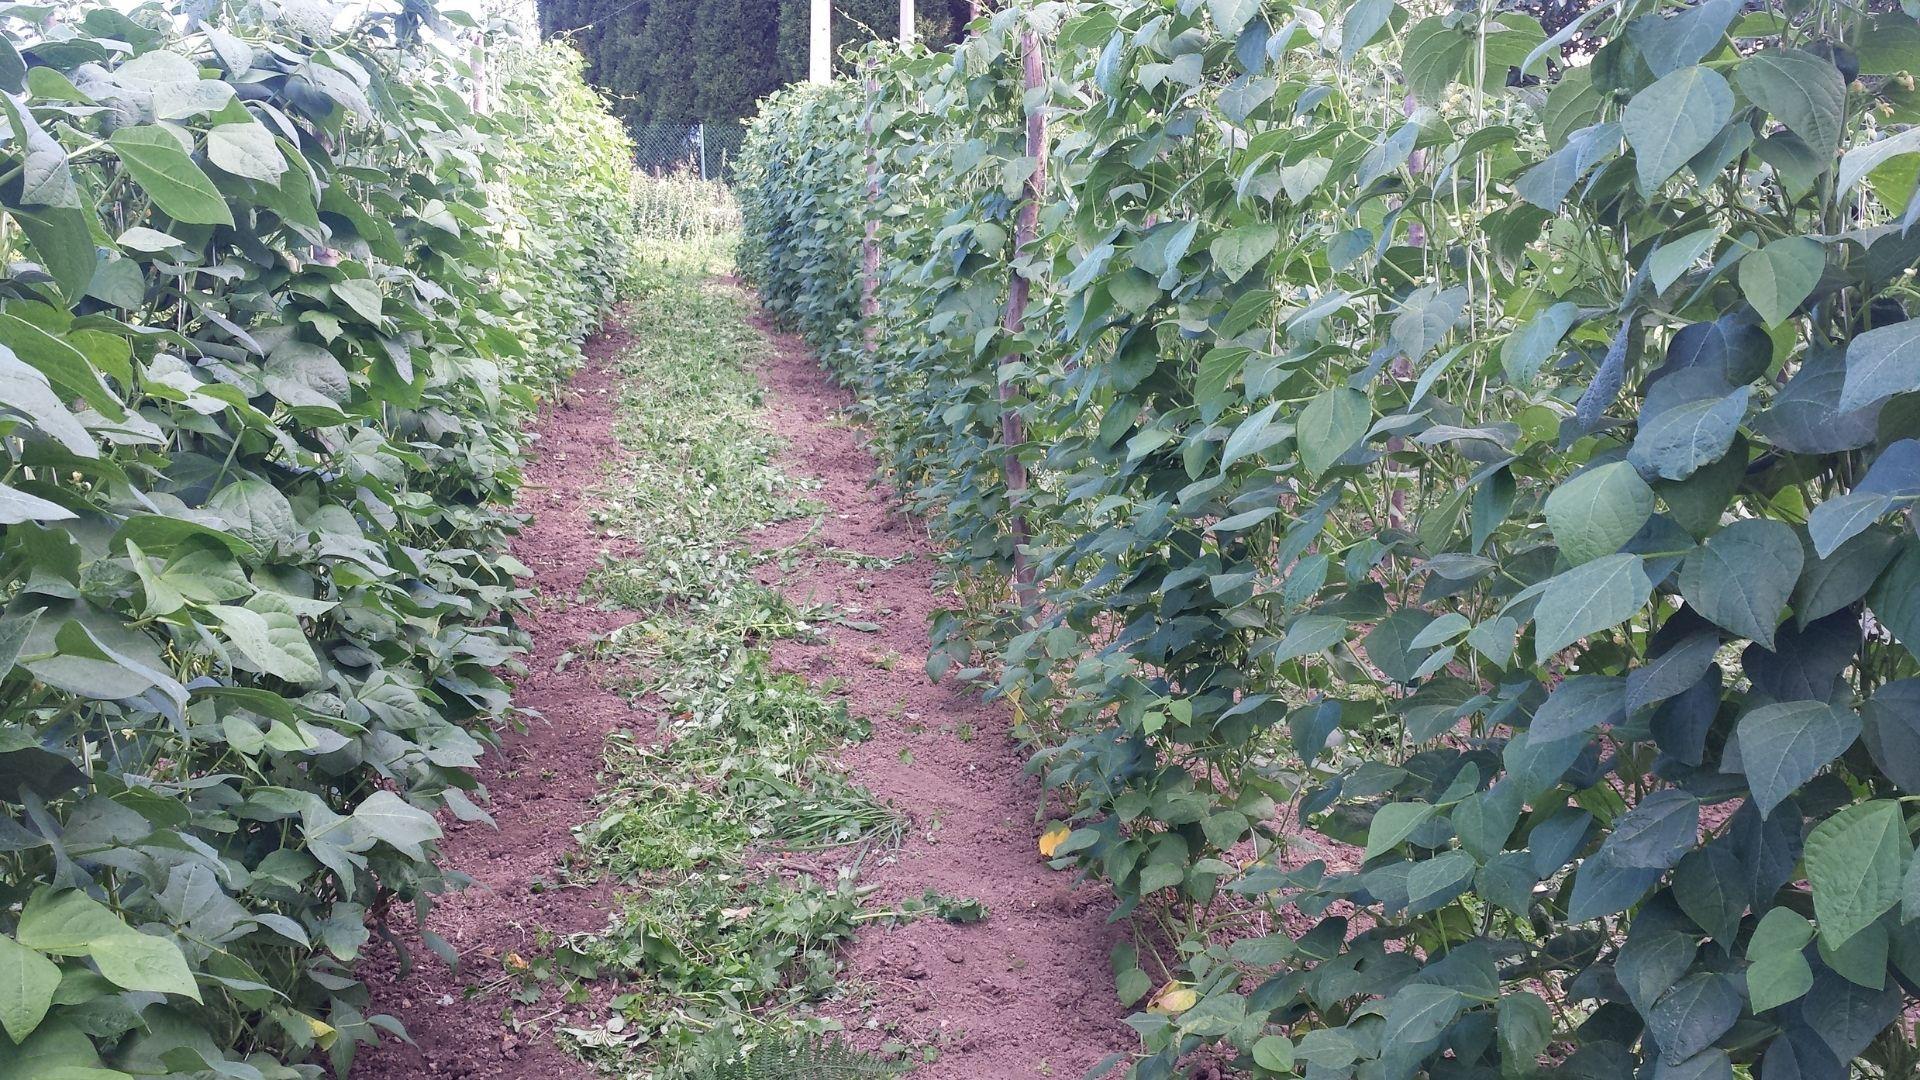 La plantación de faba ecológica El Texu